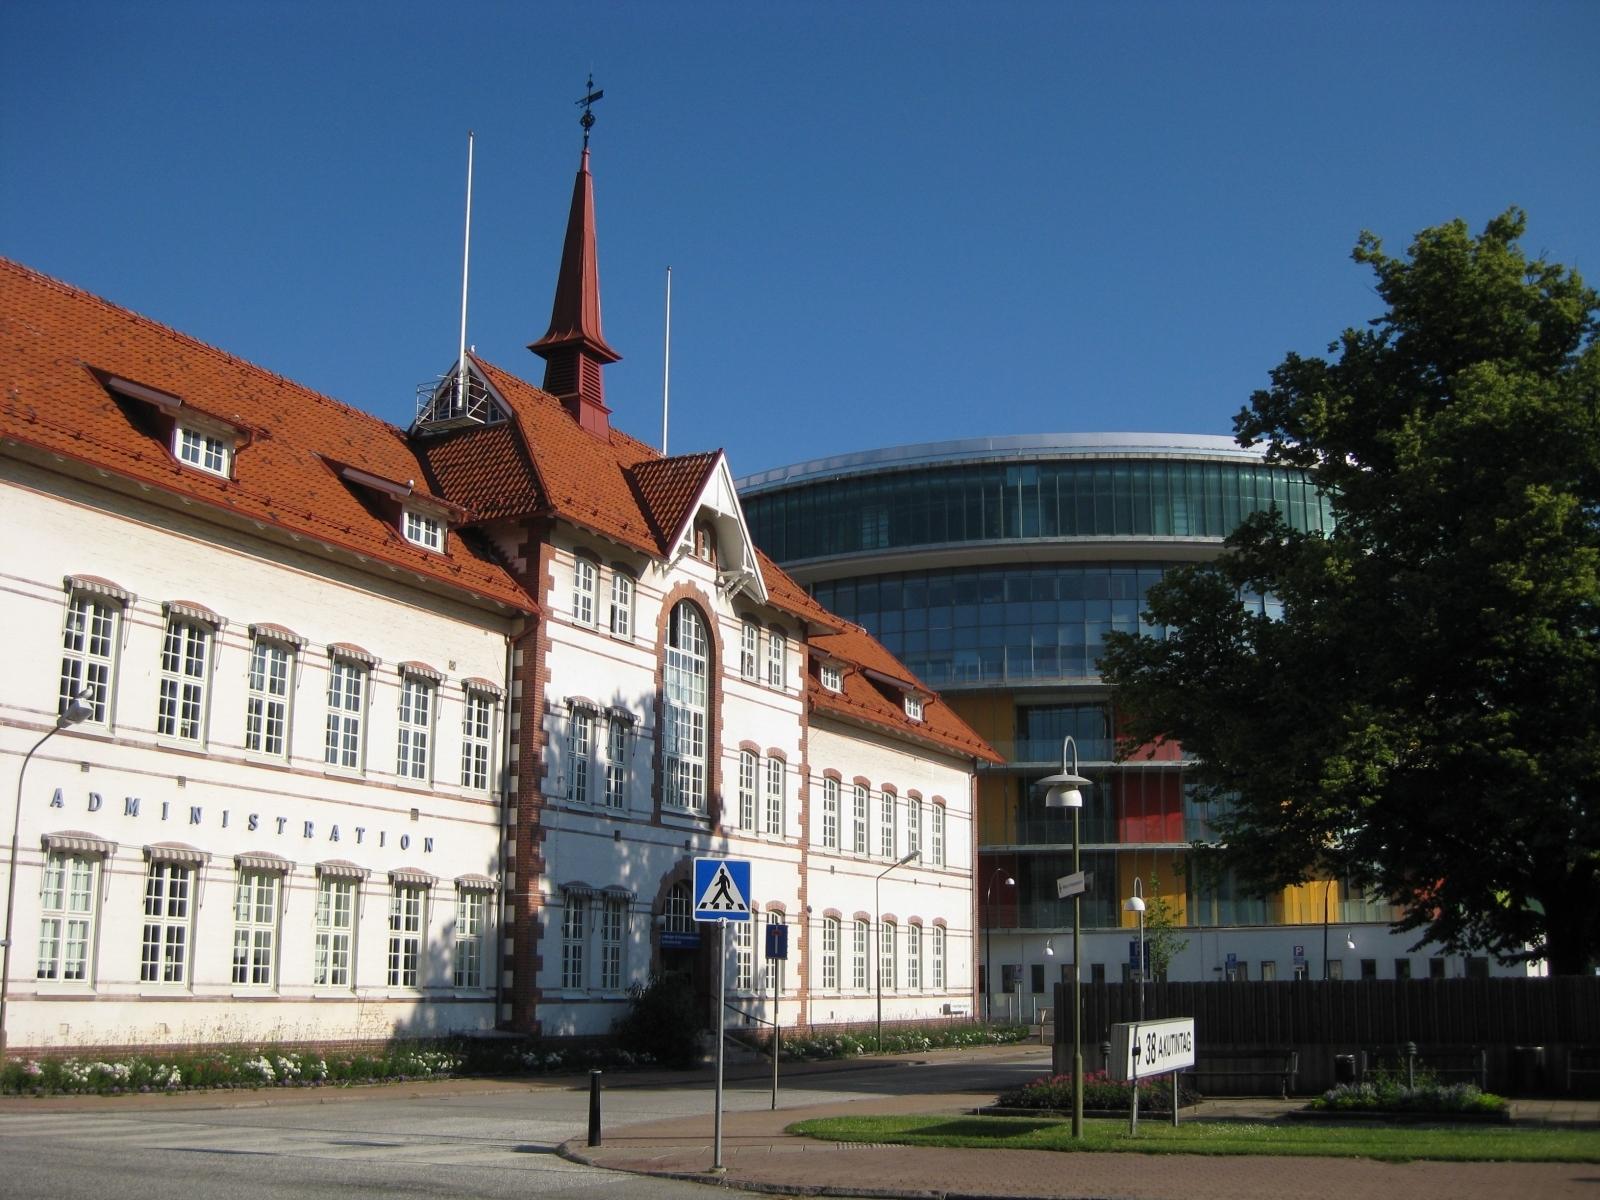 Skane University Hospital